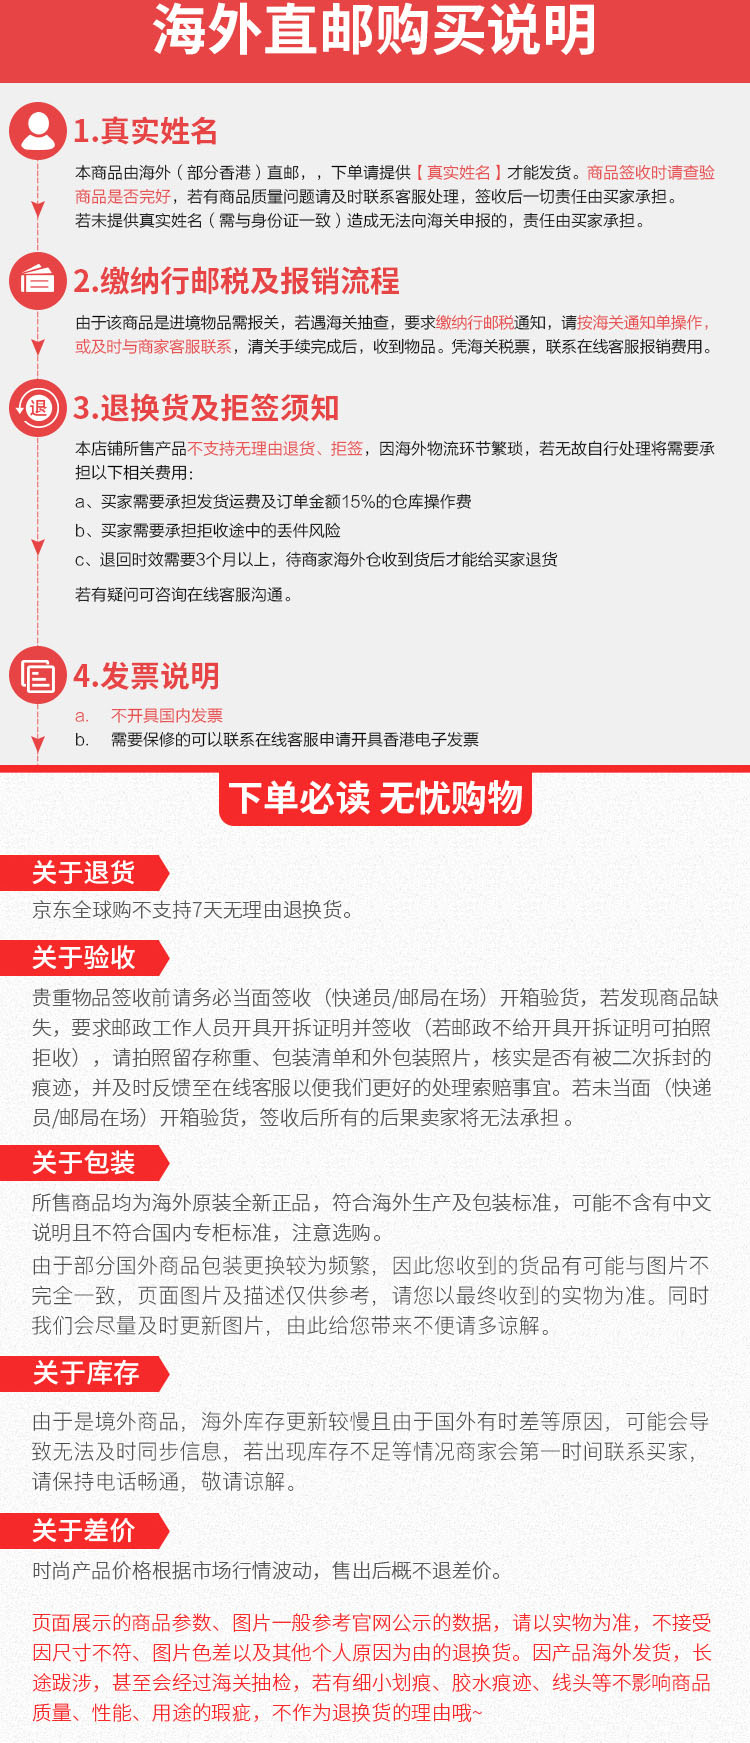 https://pic.kuajing.com/shop/article/06017507550794069.jpg